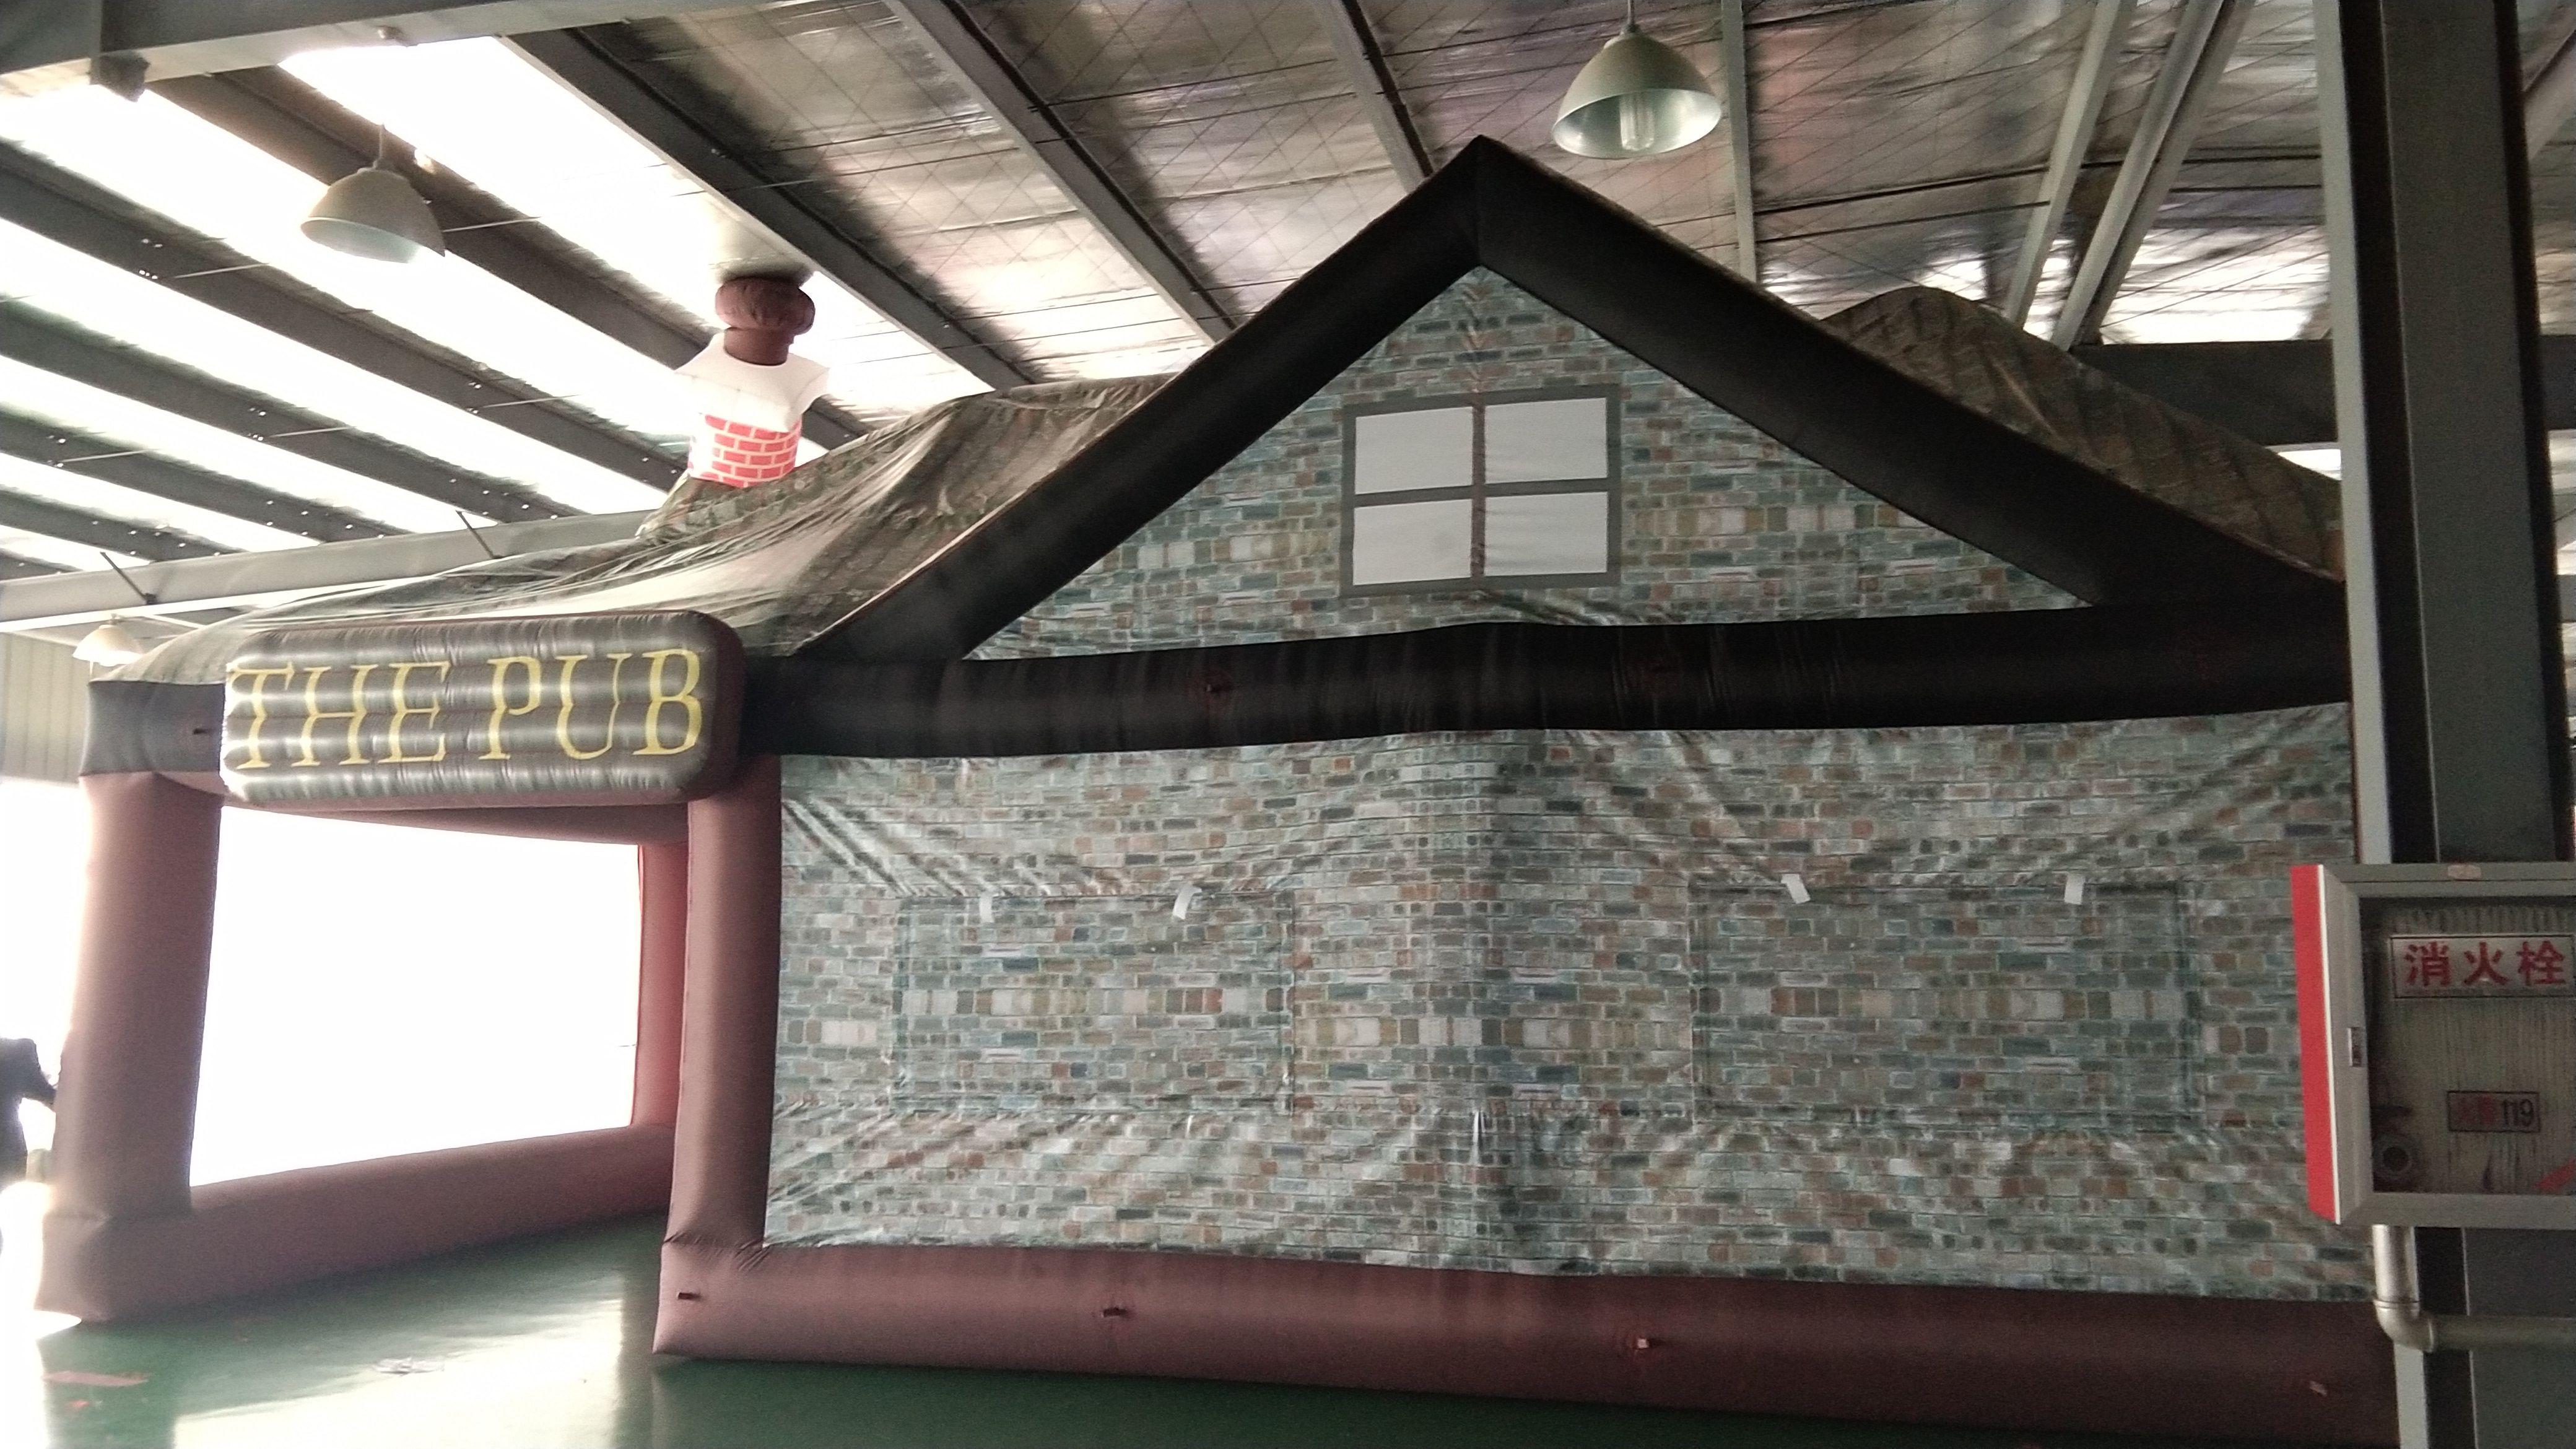 Открытый Надувная палатка Ирландский паб Оксфорд Материал Открытый Надувная палатка с Воздуходувка